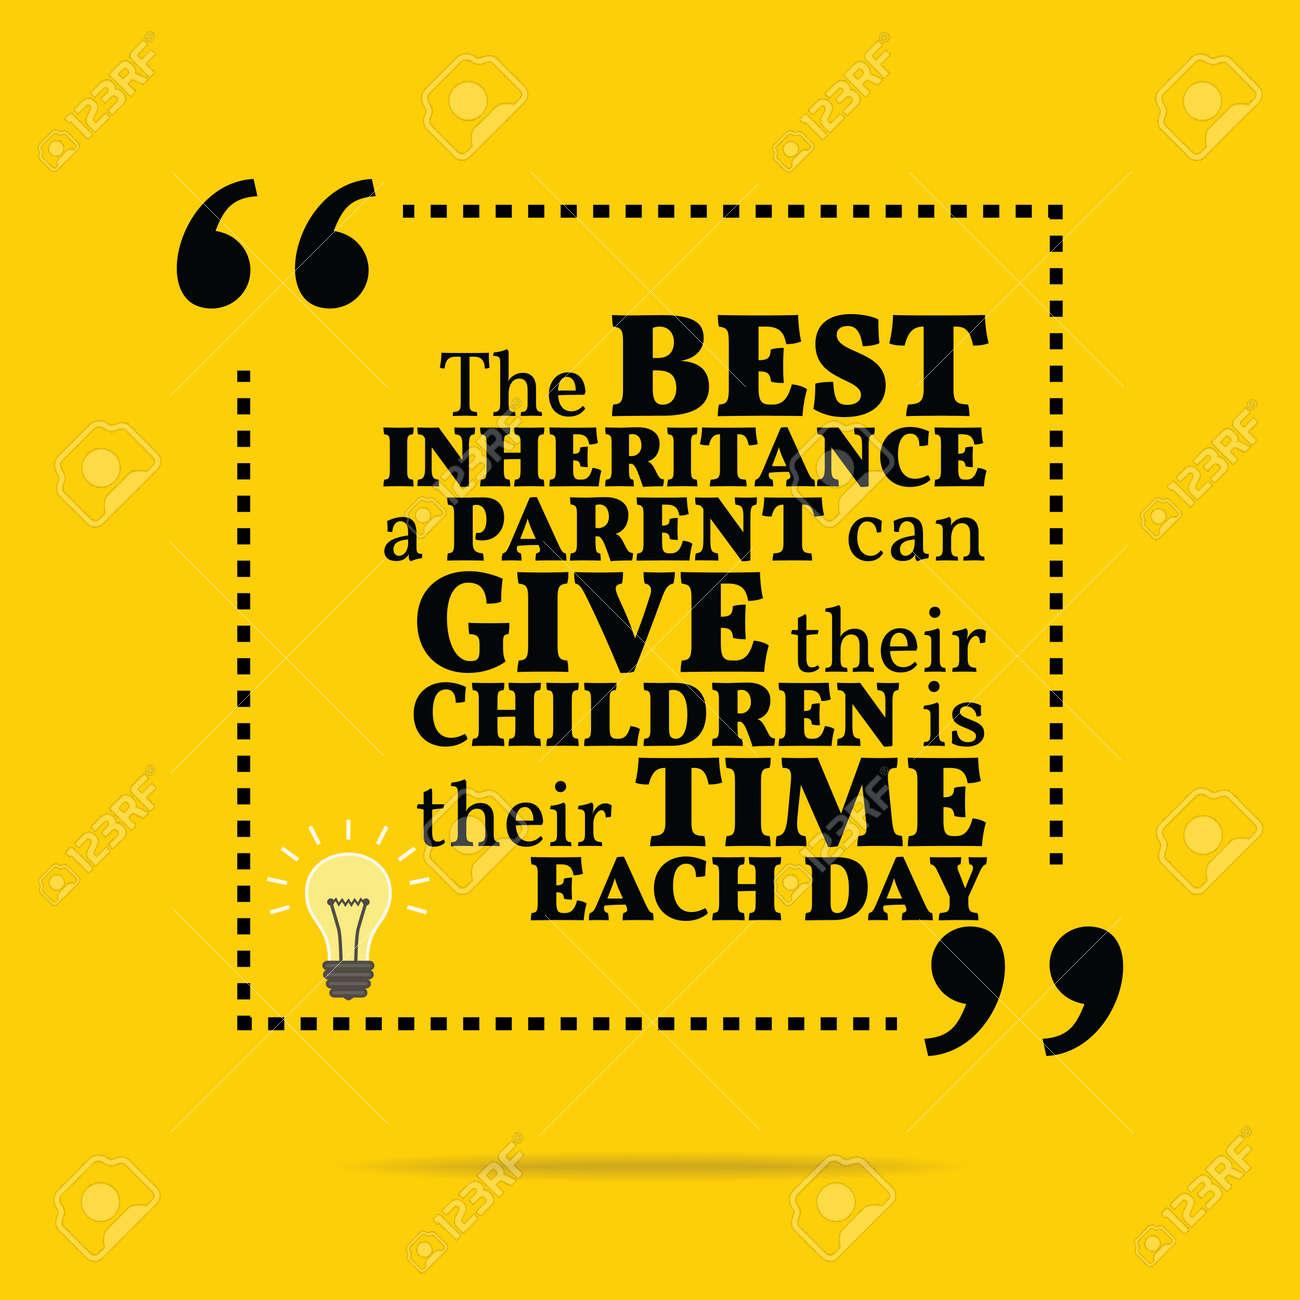 Citation De Motivation Inspirée Le Meilleur Héritage D Un Parent Peut Donner à Leurs Enfants Est Leur Temps Chaque Jour Conception à La Mode Simple